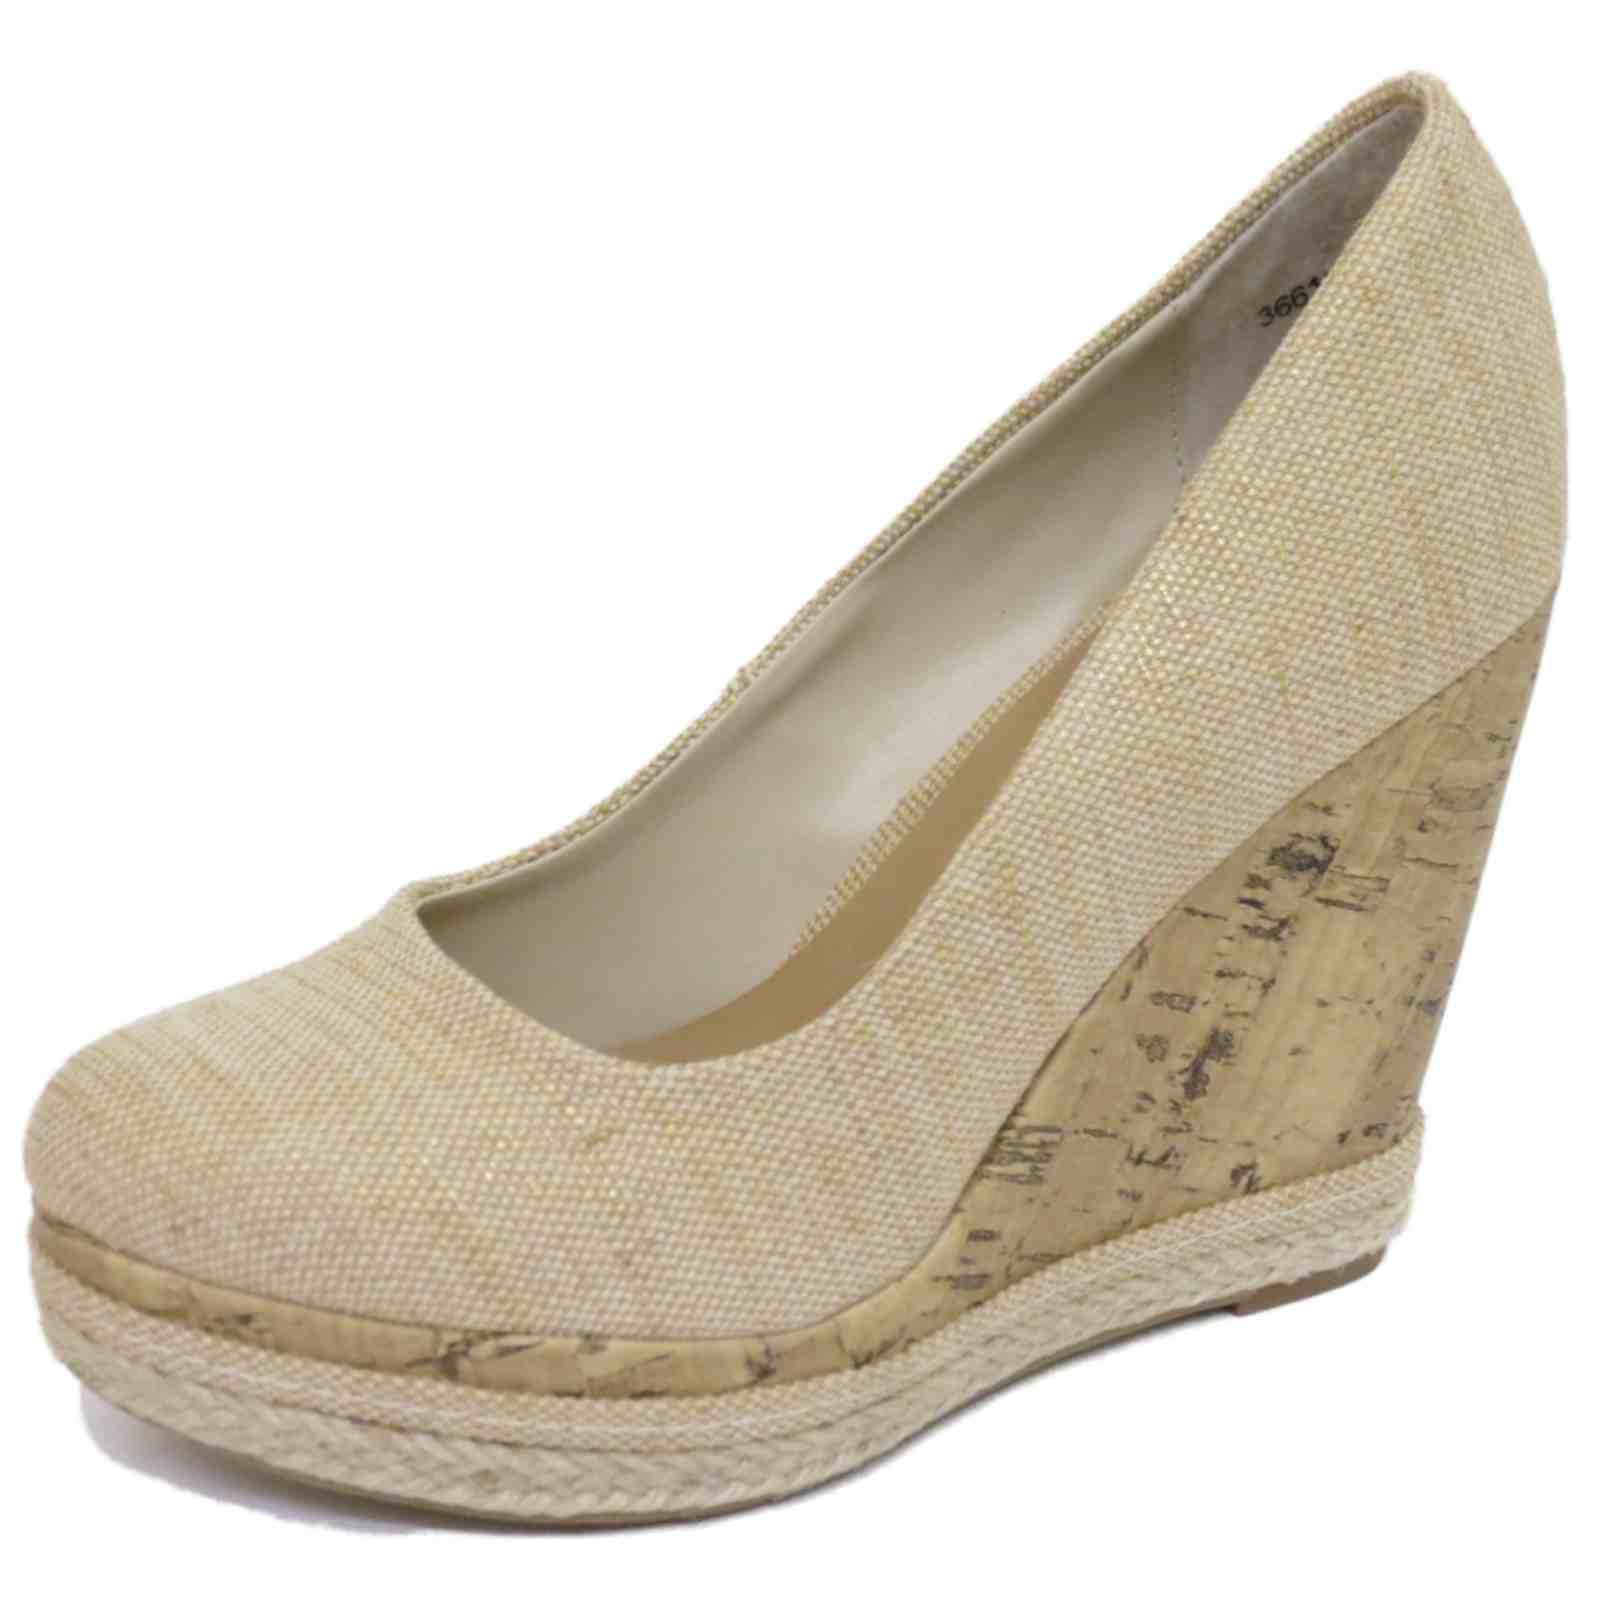 Zapatillas para mujer, con cordones, corte alto, con plataforma, varios diseños, varios tamaños, color, talla 42